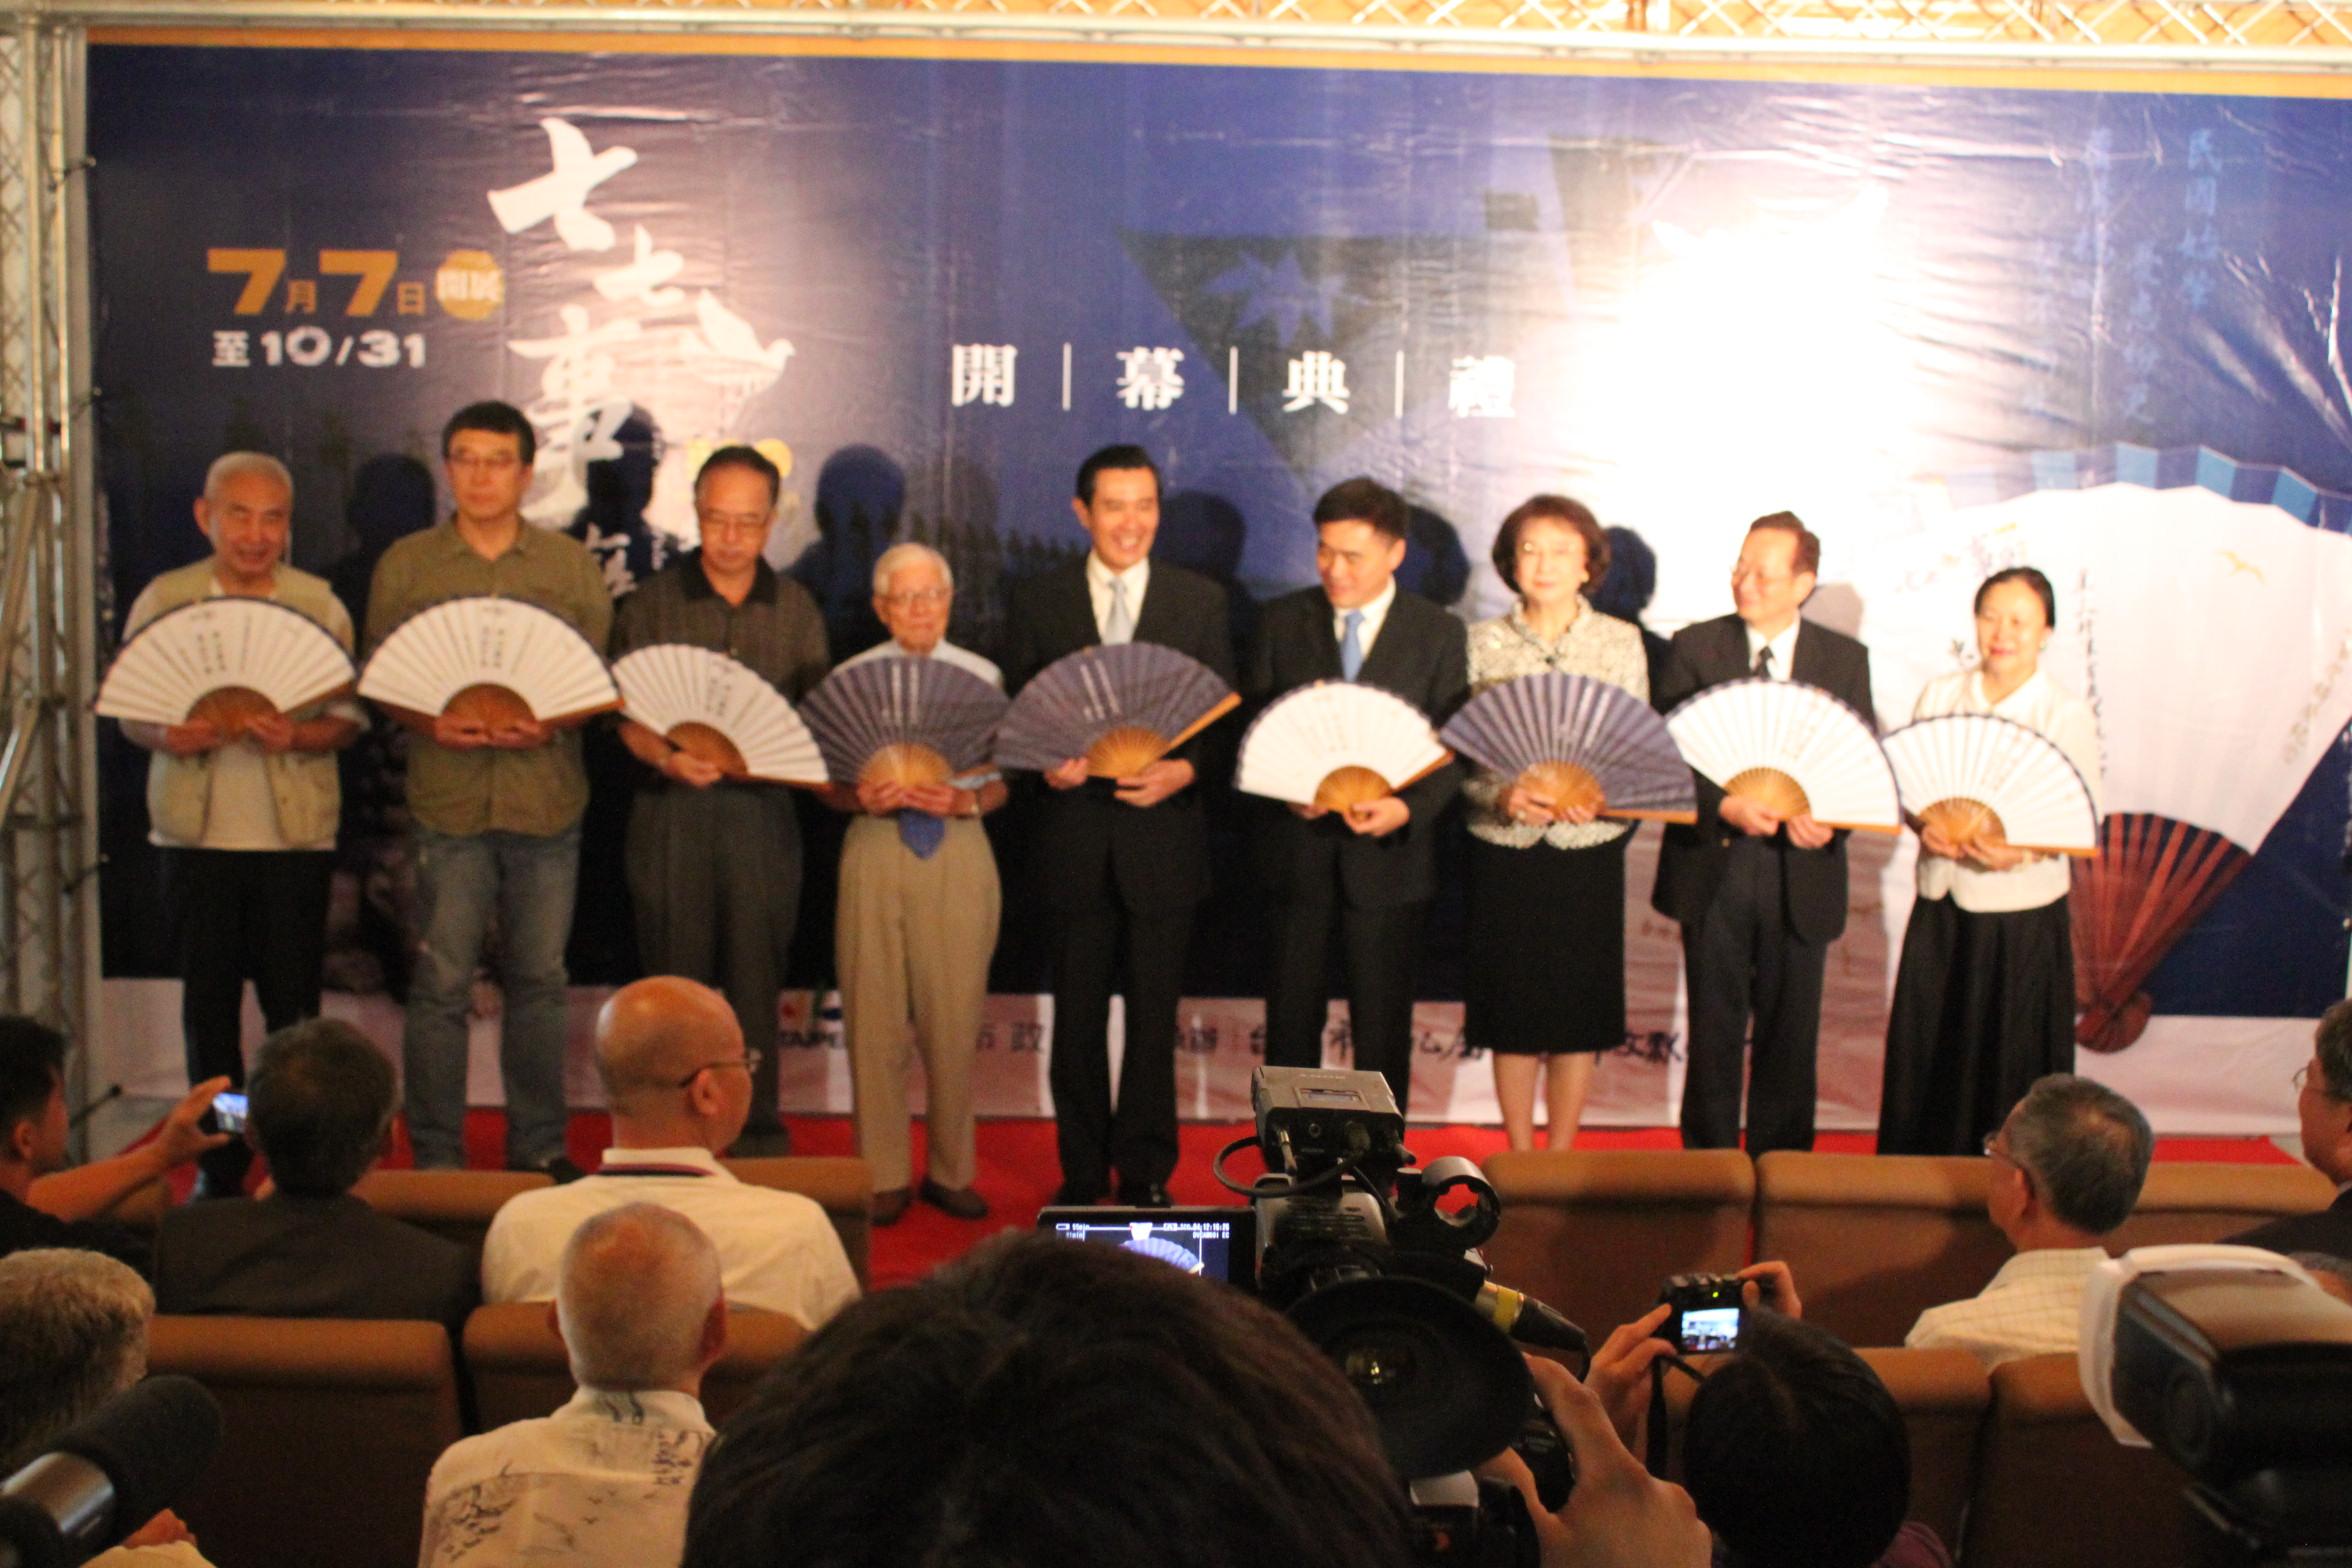 圖表:特展開幕儀式由馬總統、郝市長及抗日志士家屬代表等貴賓揭示特展紀念摺扇